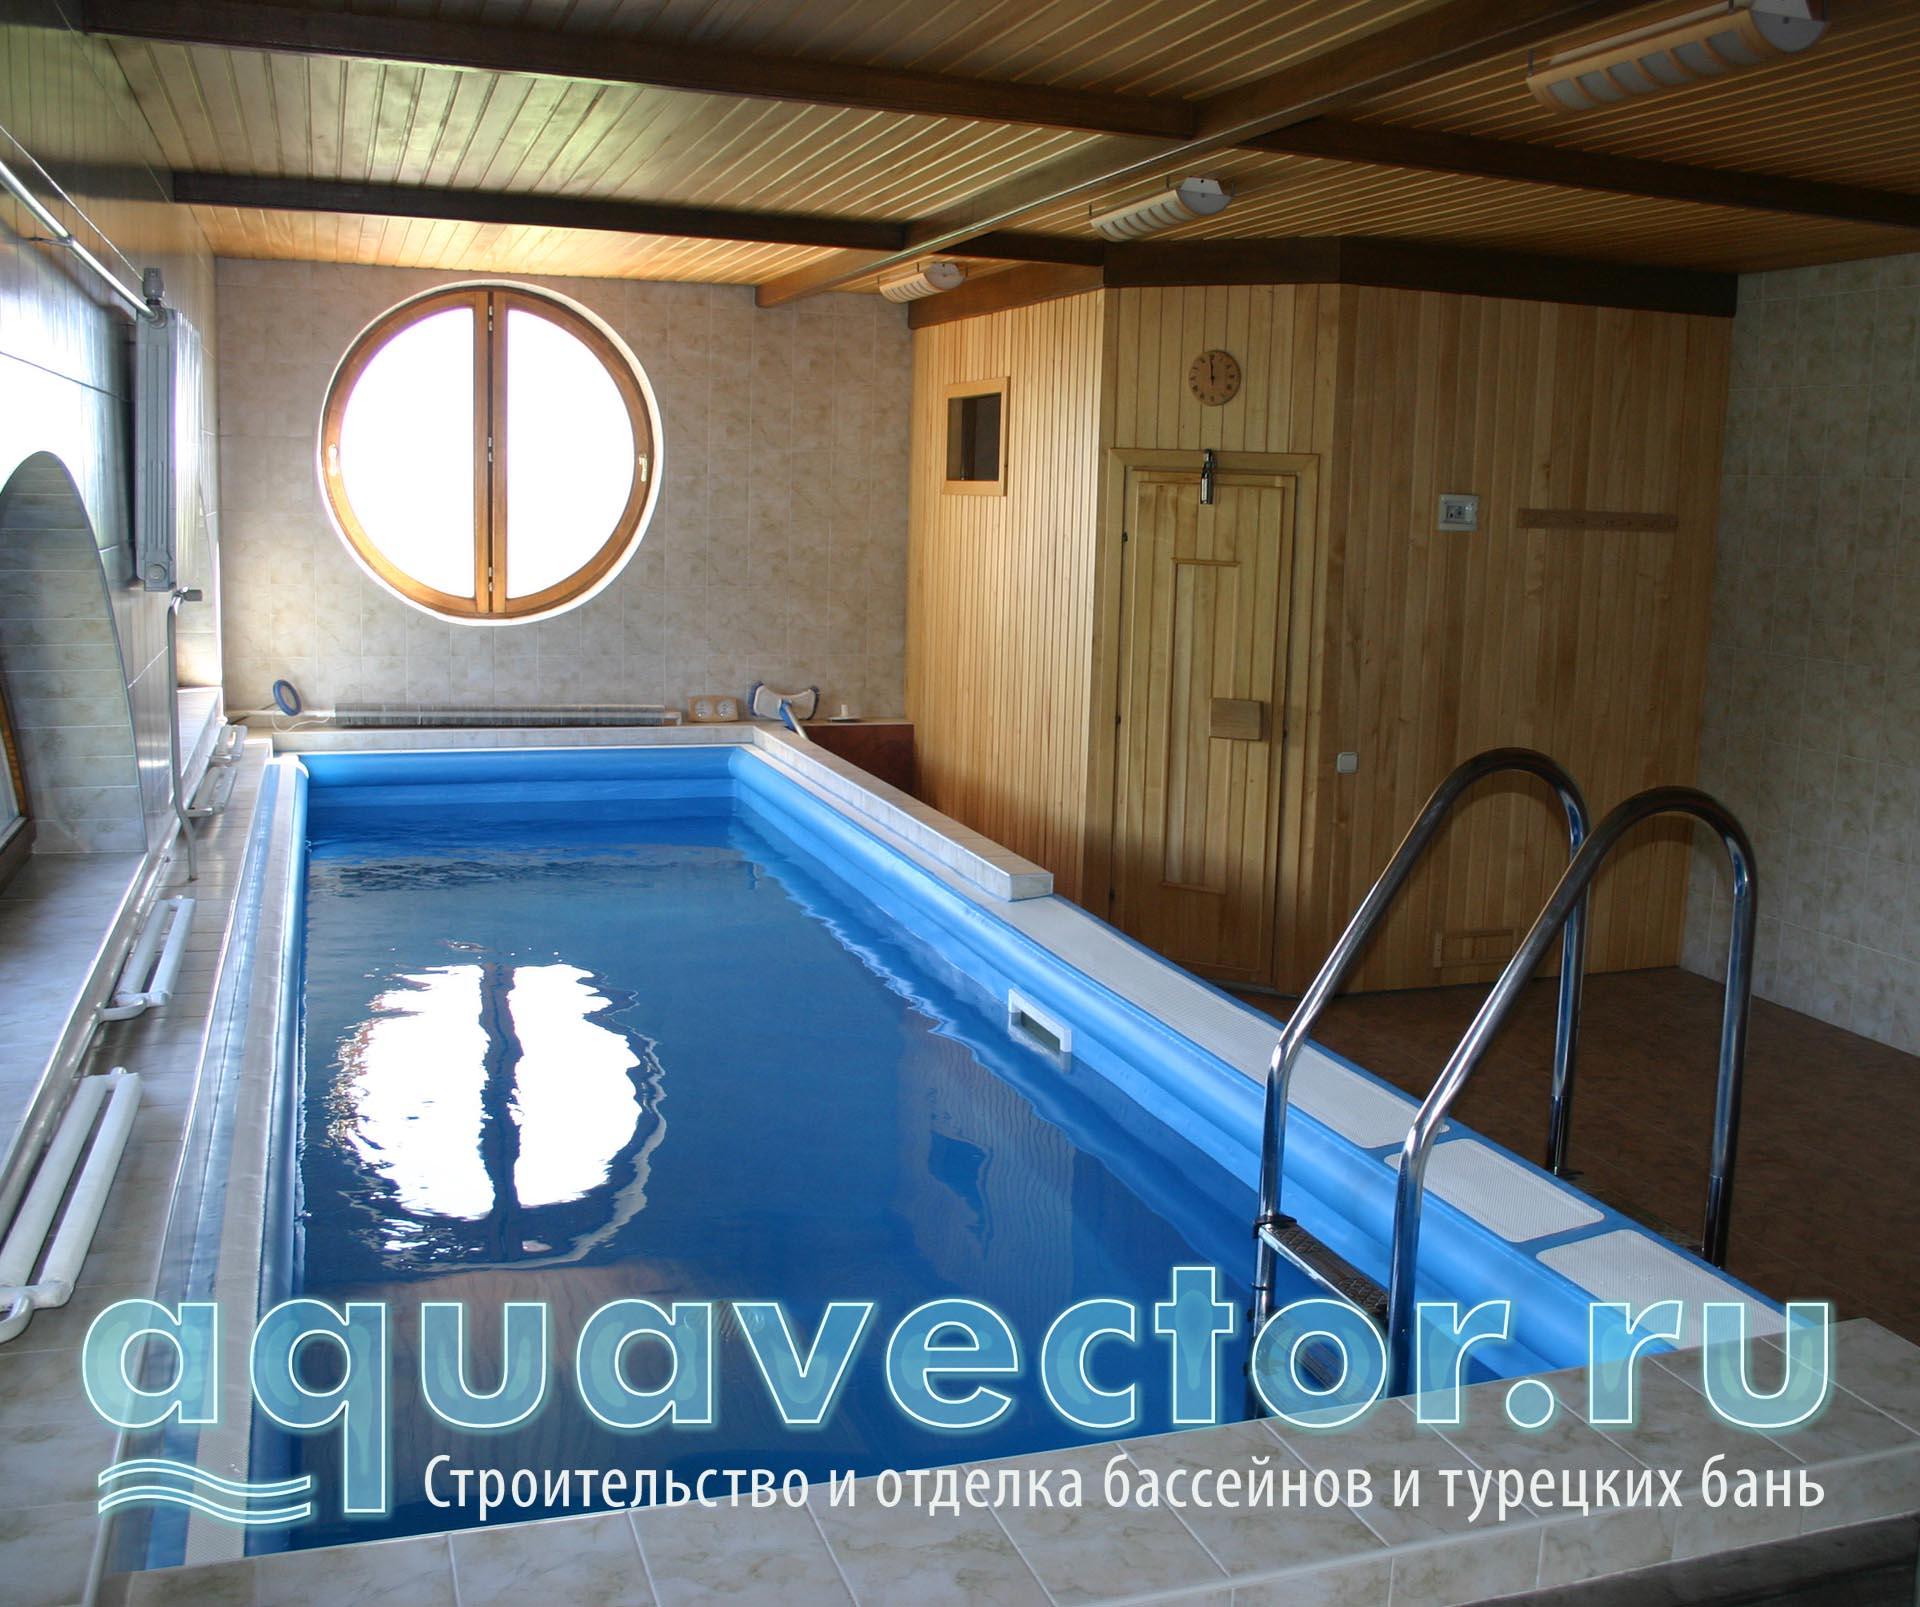 Реконструкция бассейна из нержавеющей стали